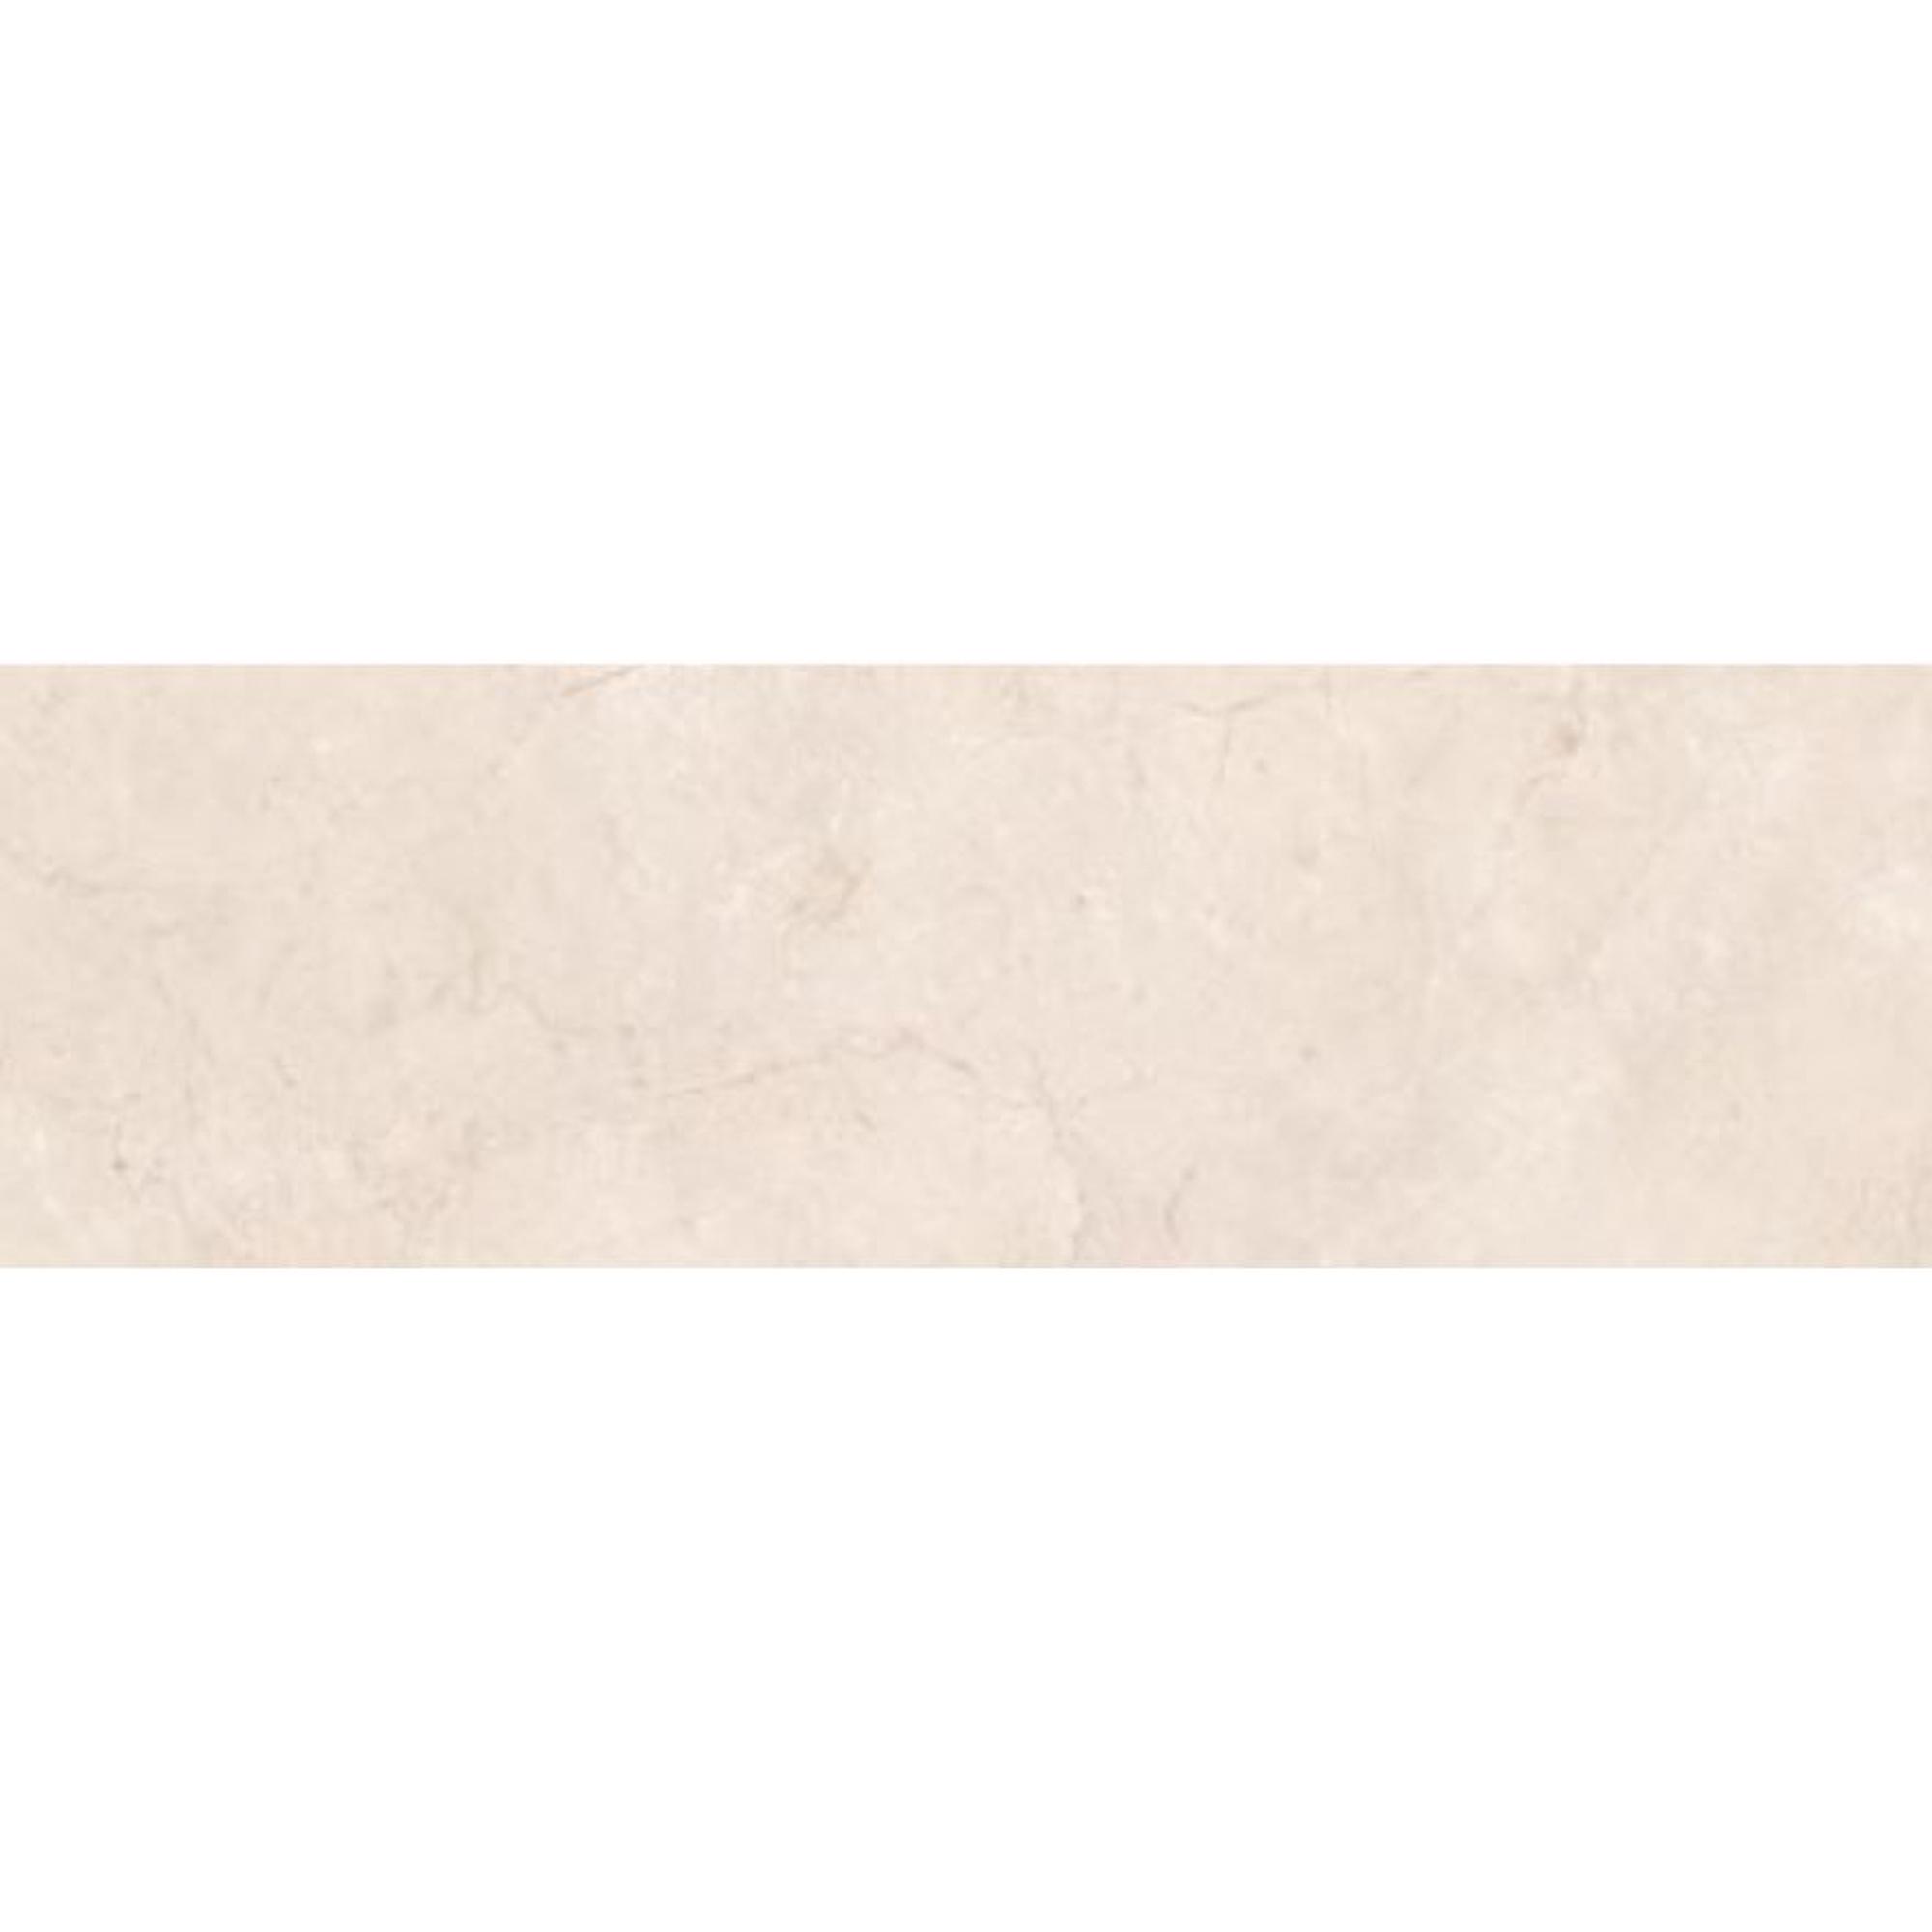 Плитка Undefasa Crema Natural 31.5x100 см